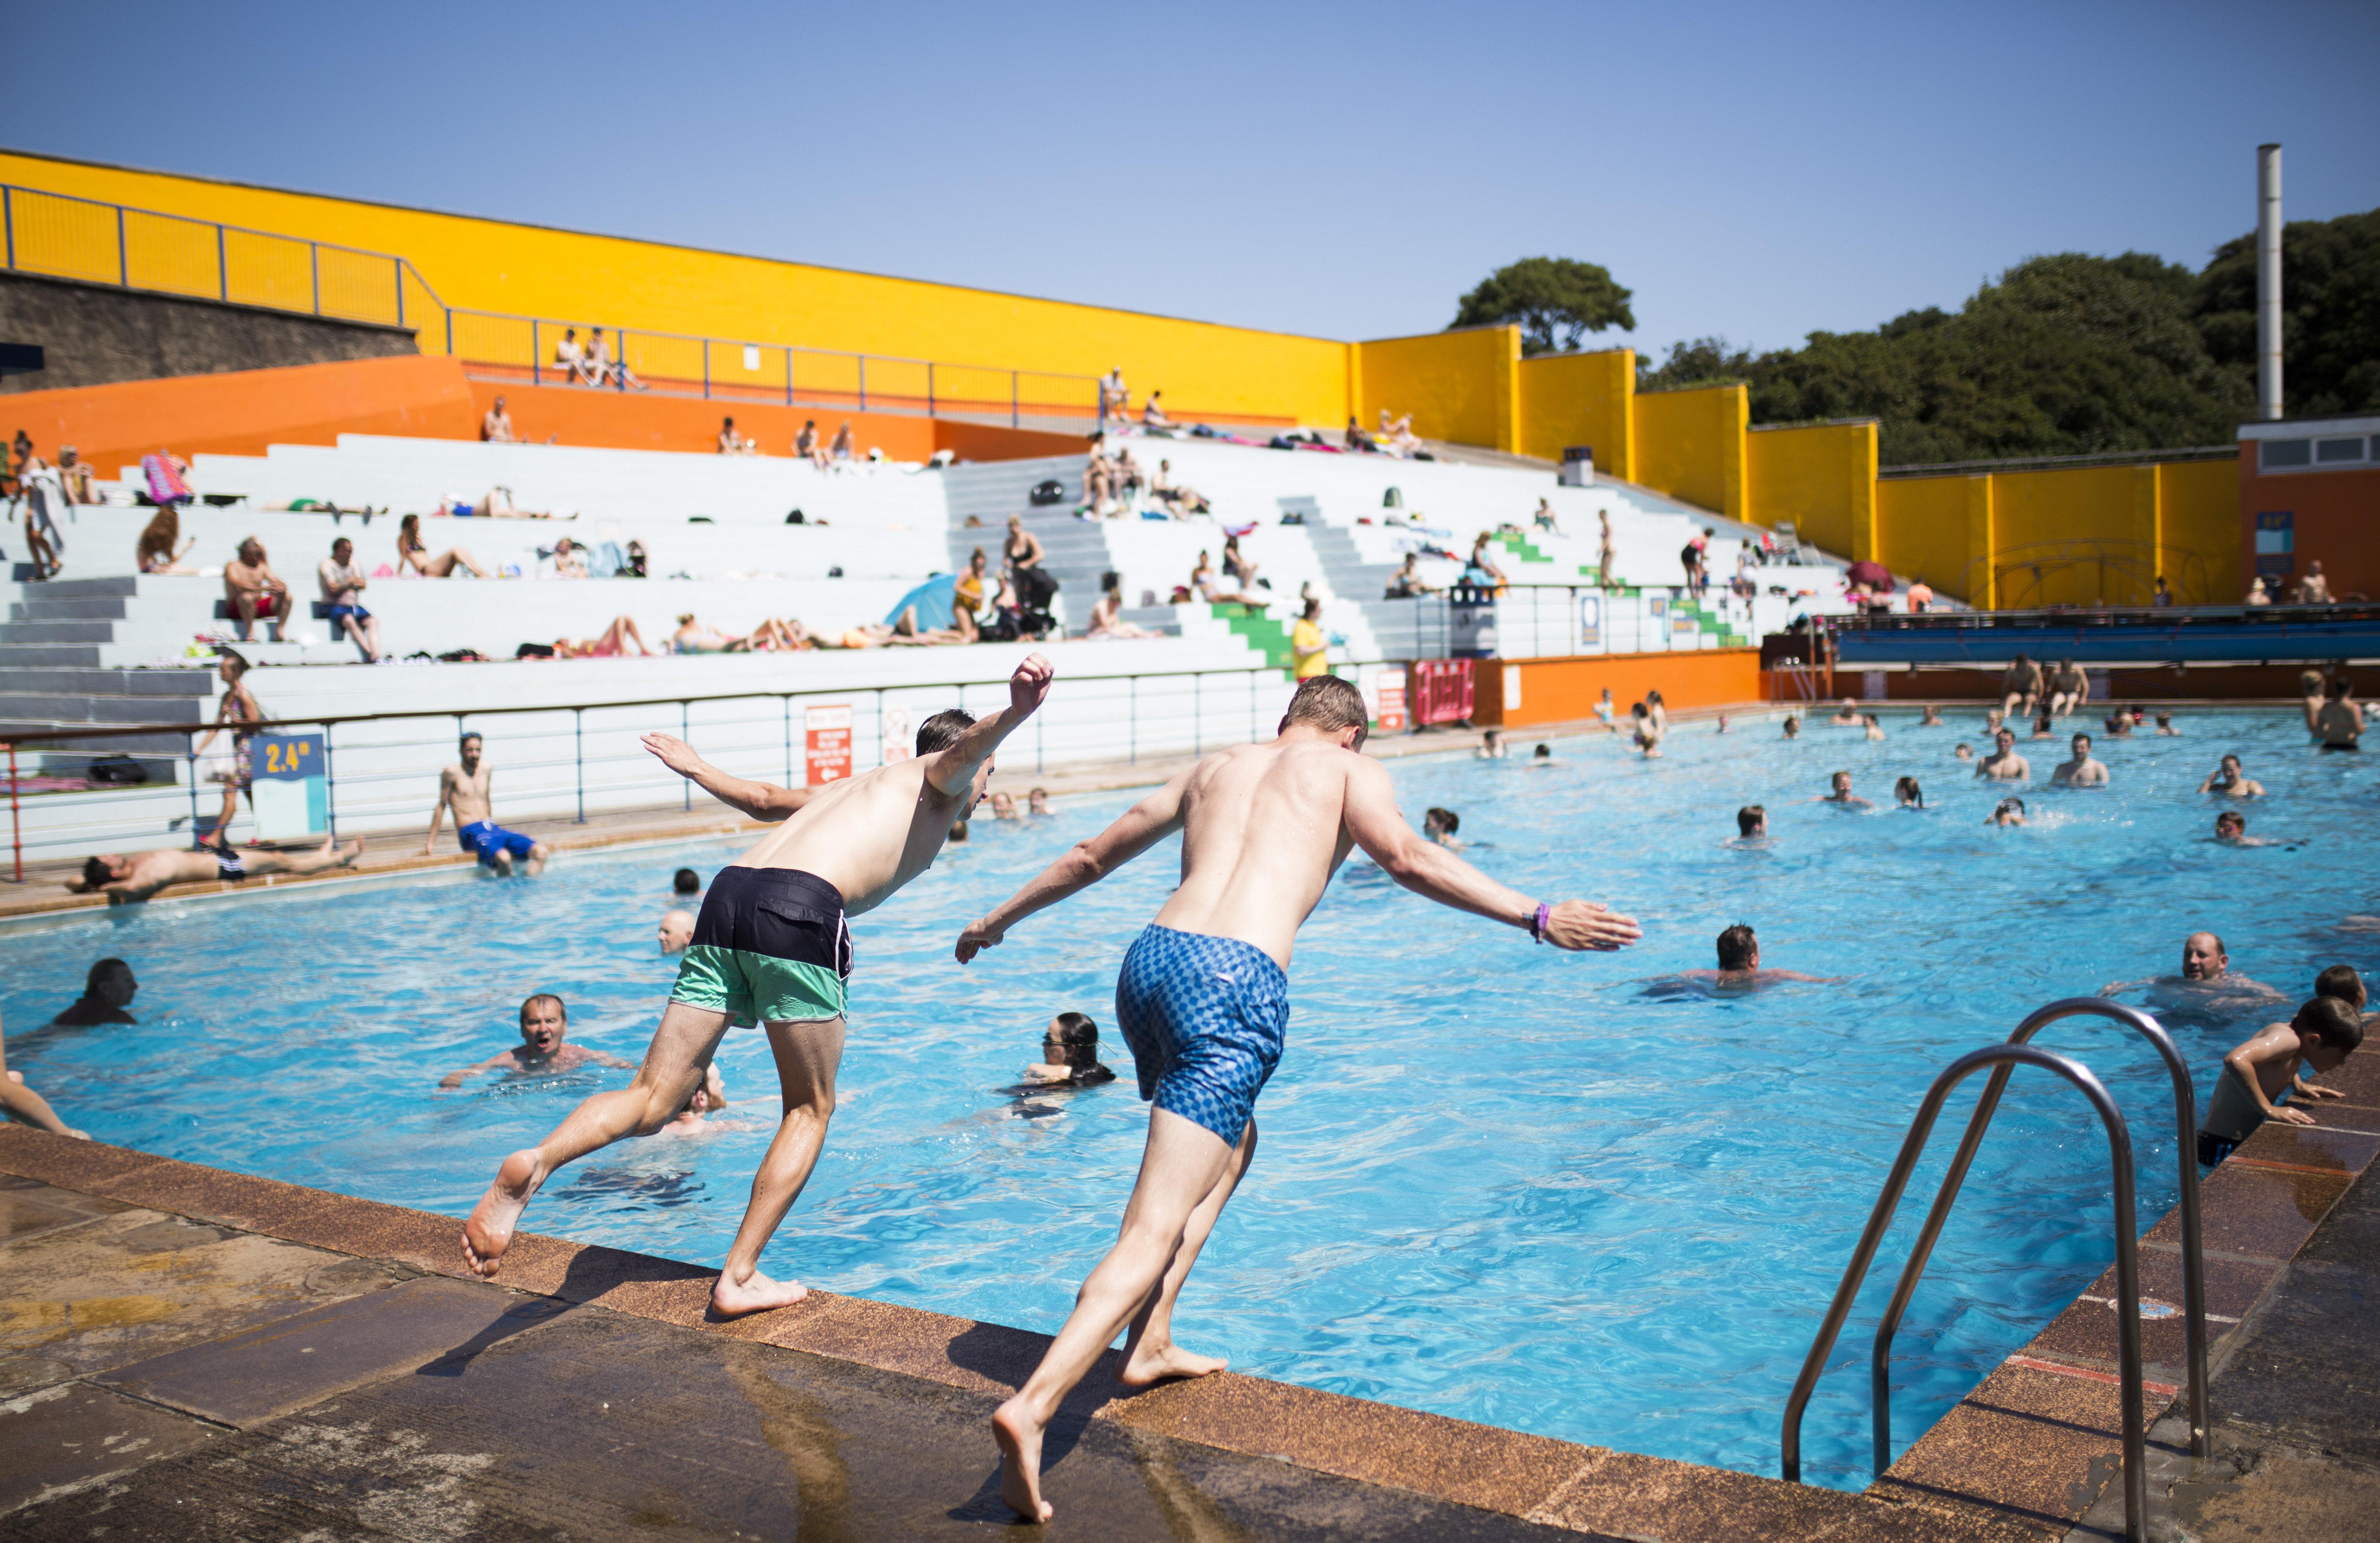 Portishead Lido - Portishead Open Air Pool | Portishead ...